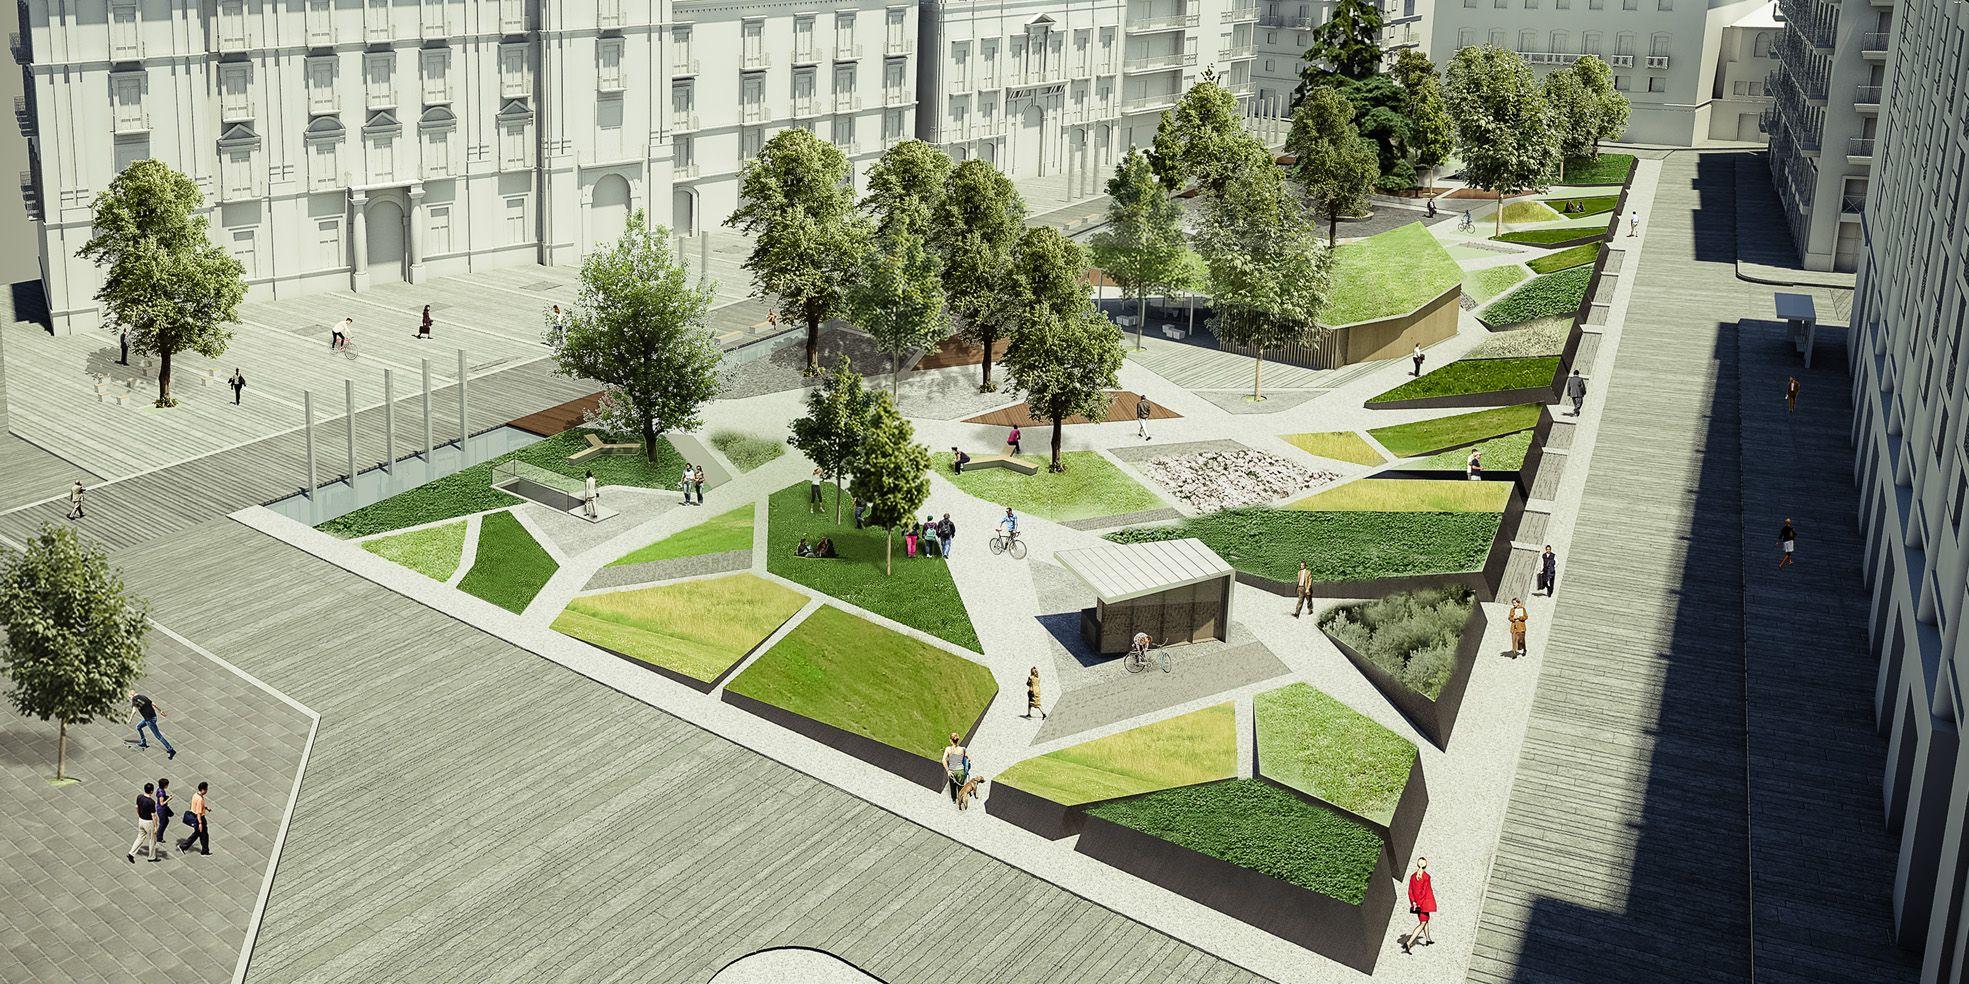 Riqualificazione aree e spazi pubblici di piazza libert for Esempi di giardini